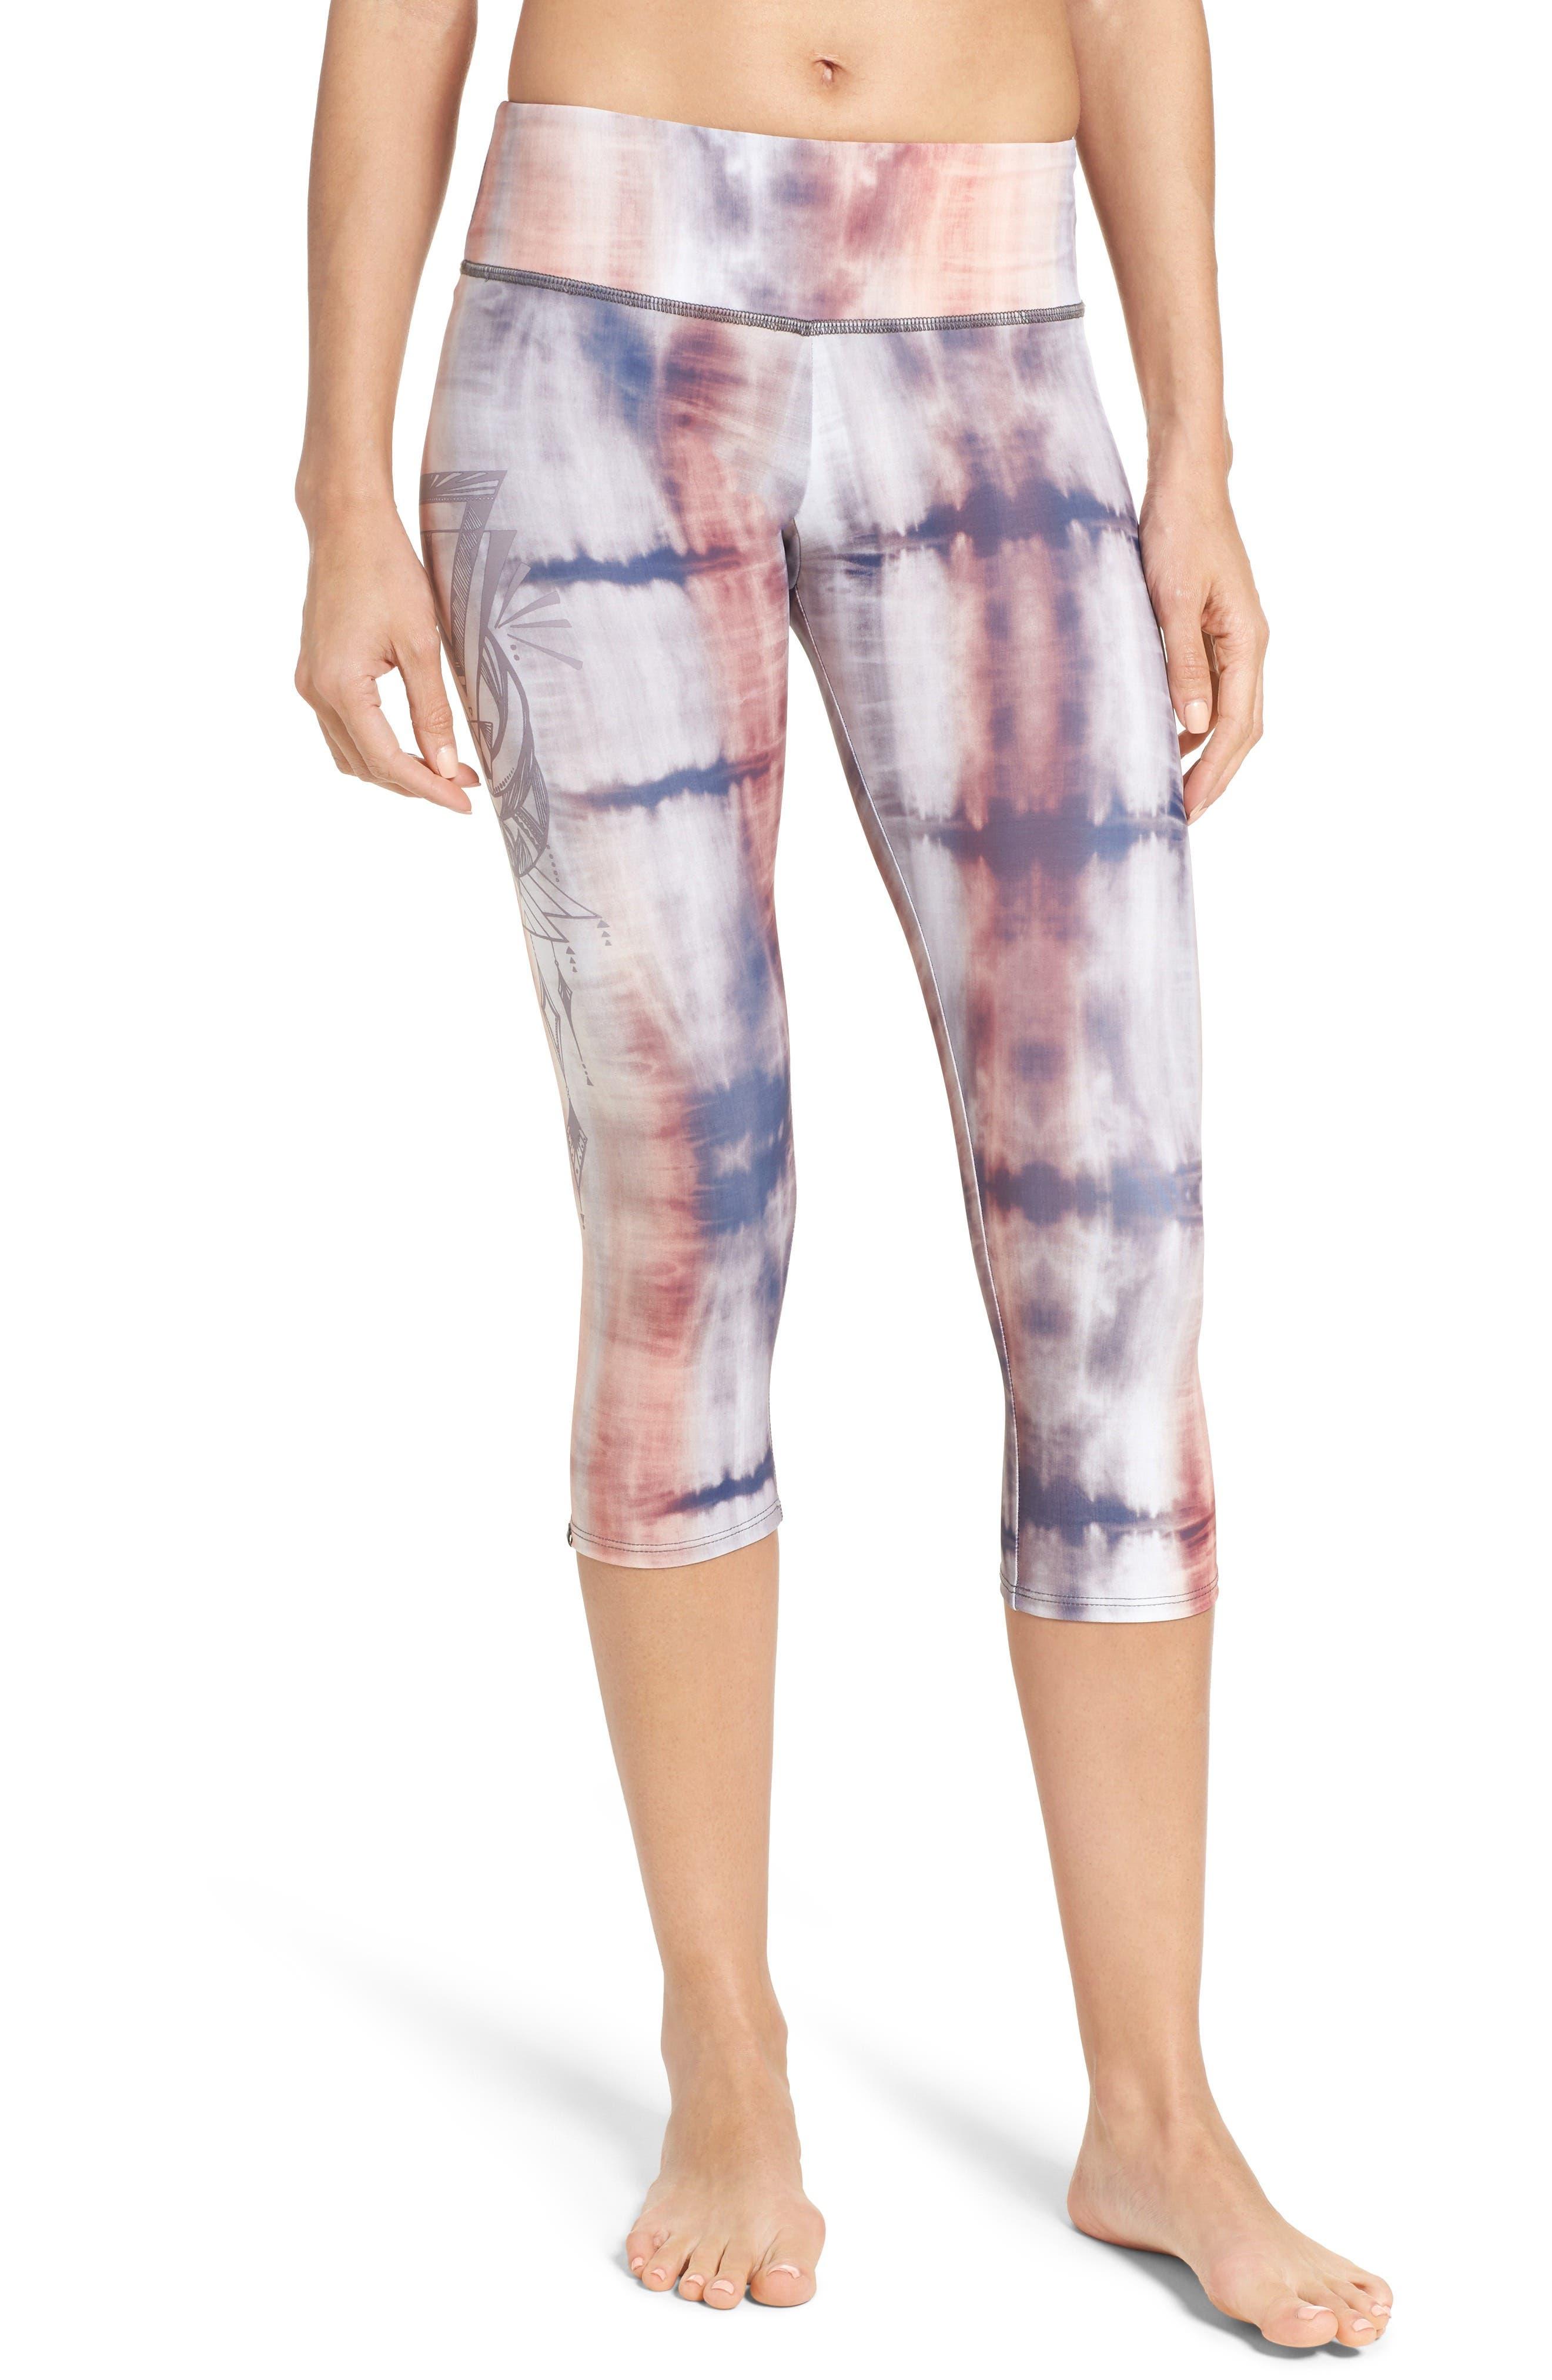 Main Image - Onzie Graphic Print Capri Leggings